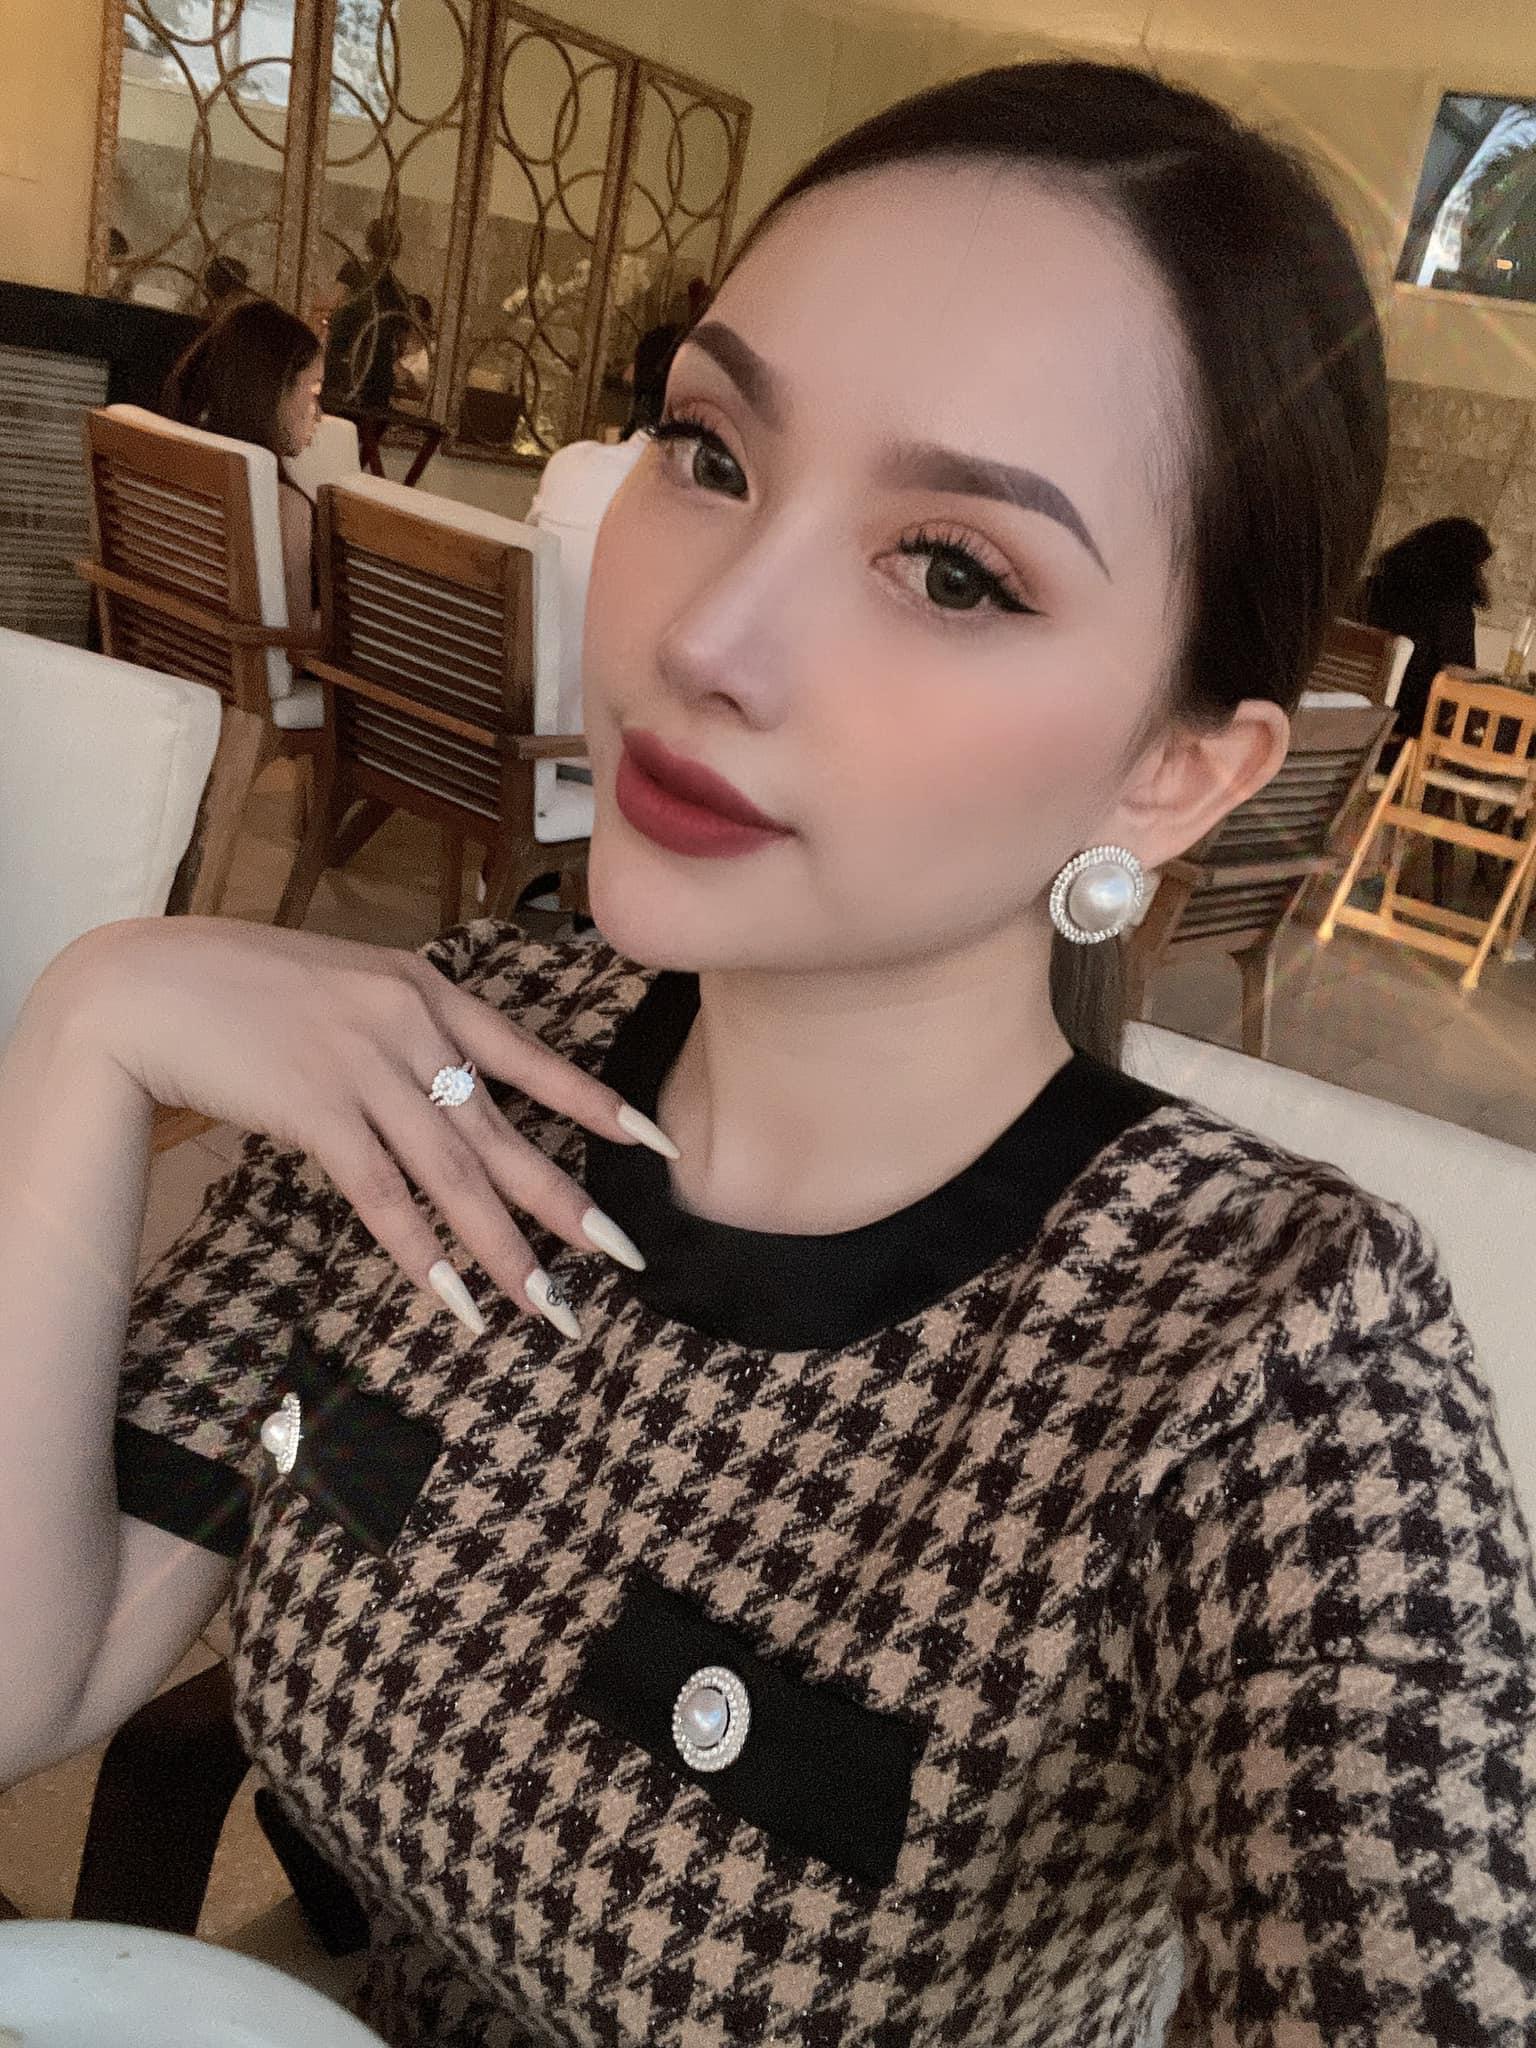 Sau khi chia tay hậu vệ Văn Thanh, hot girl Bảo Trân ngày càng gợi cảm - Ảnh 5.